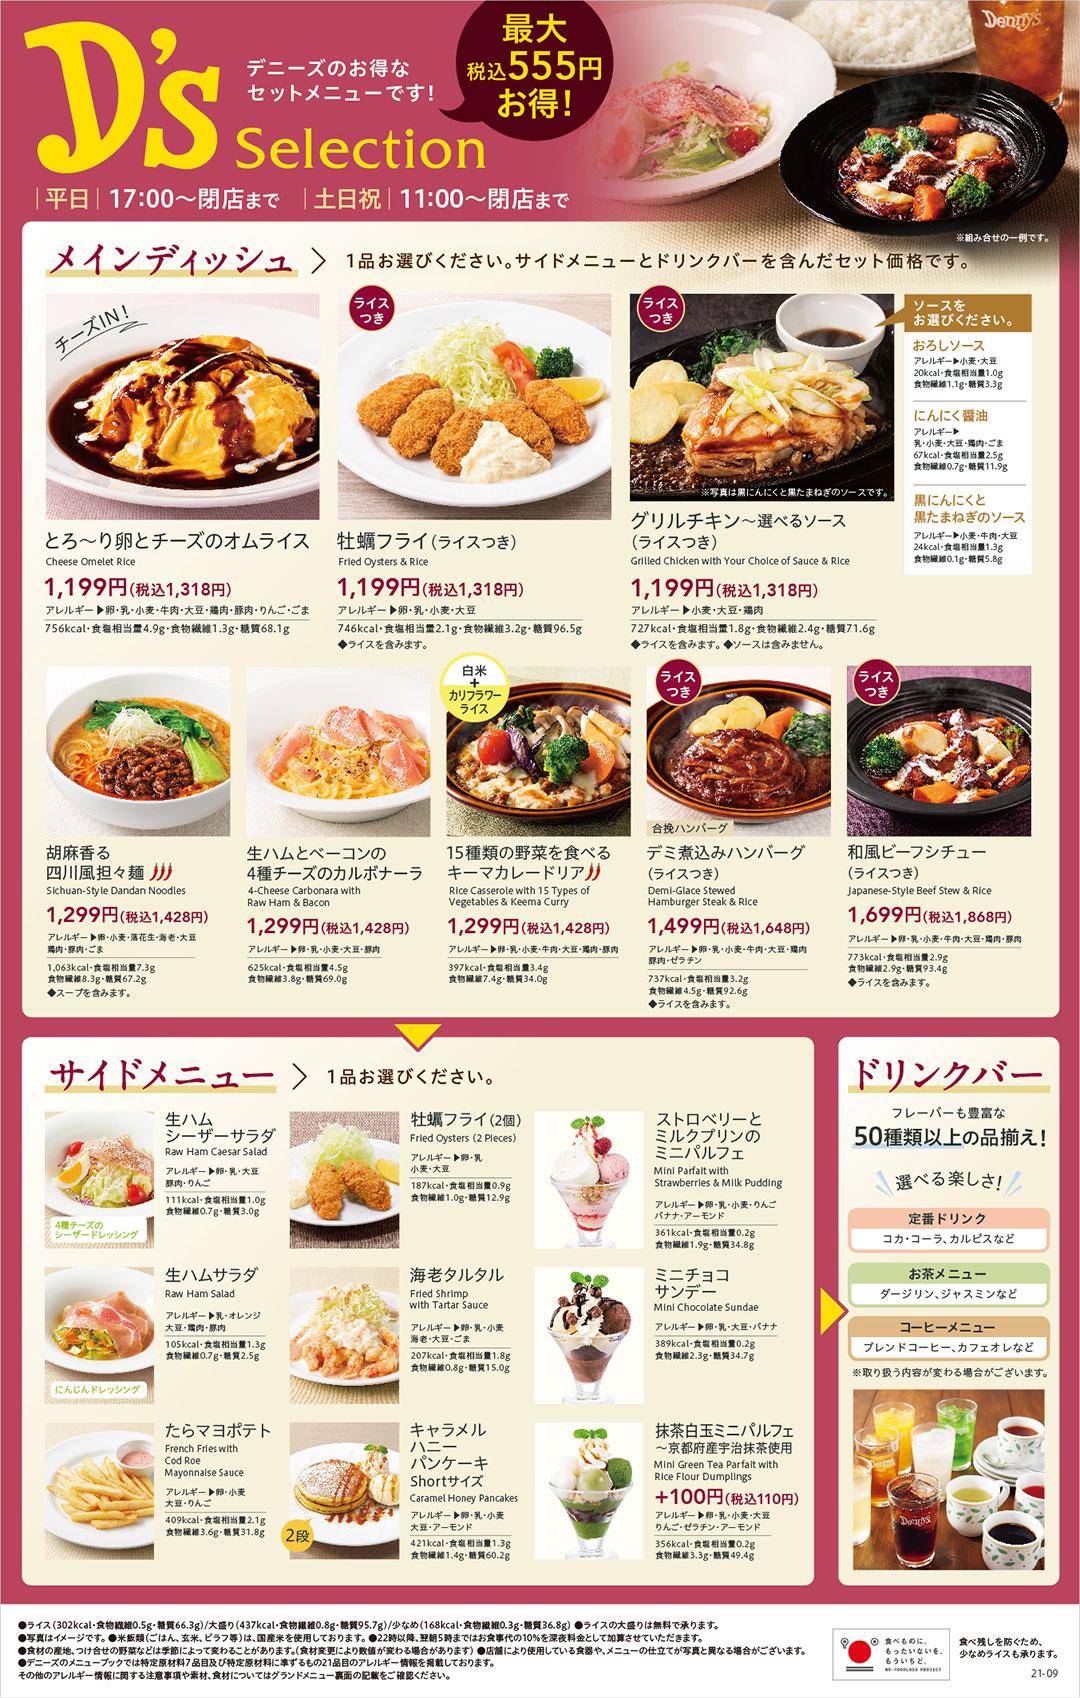 最大555円(税込)おトク!D's selection!